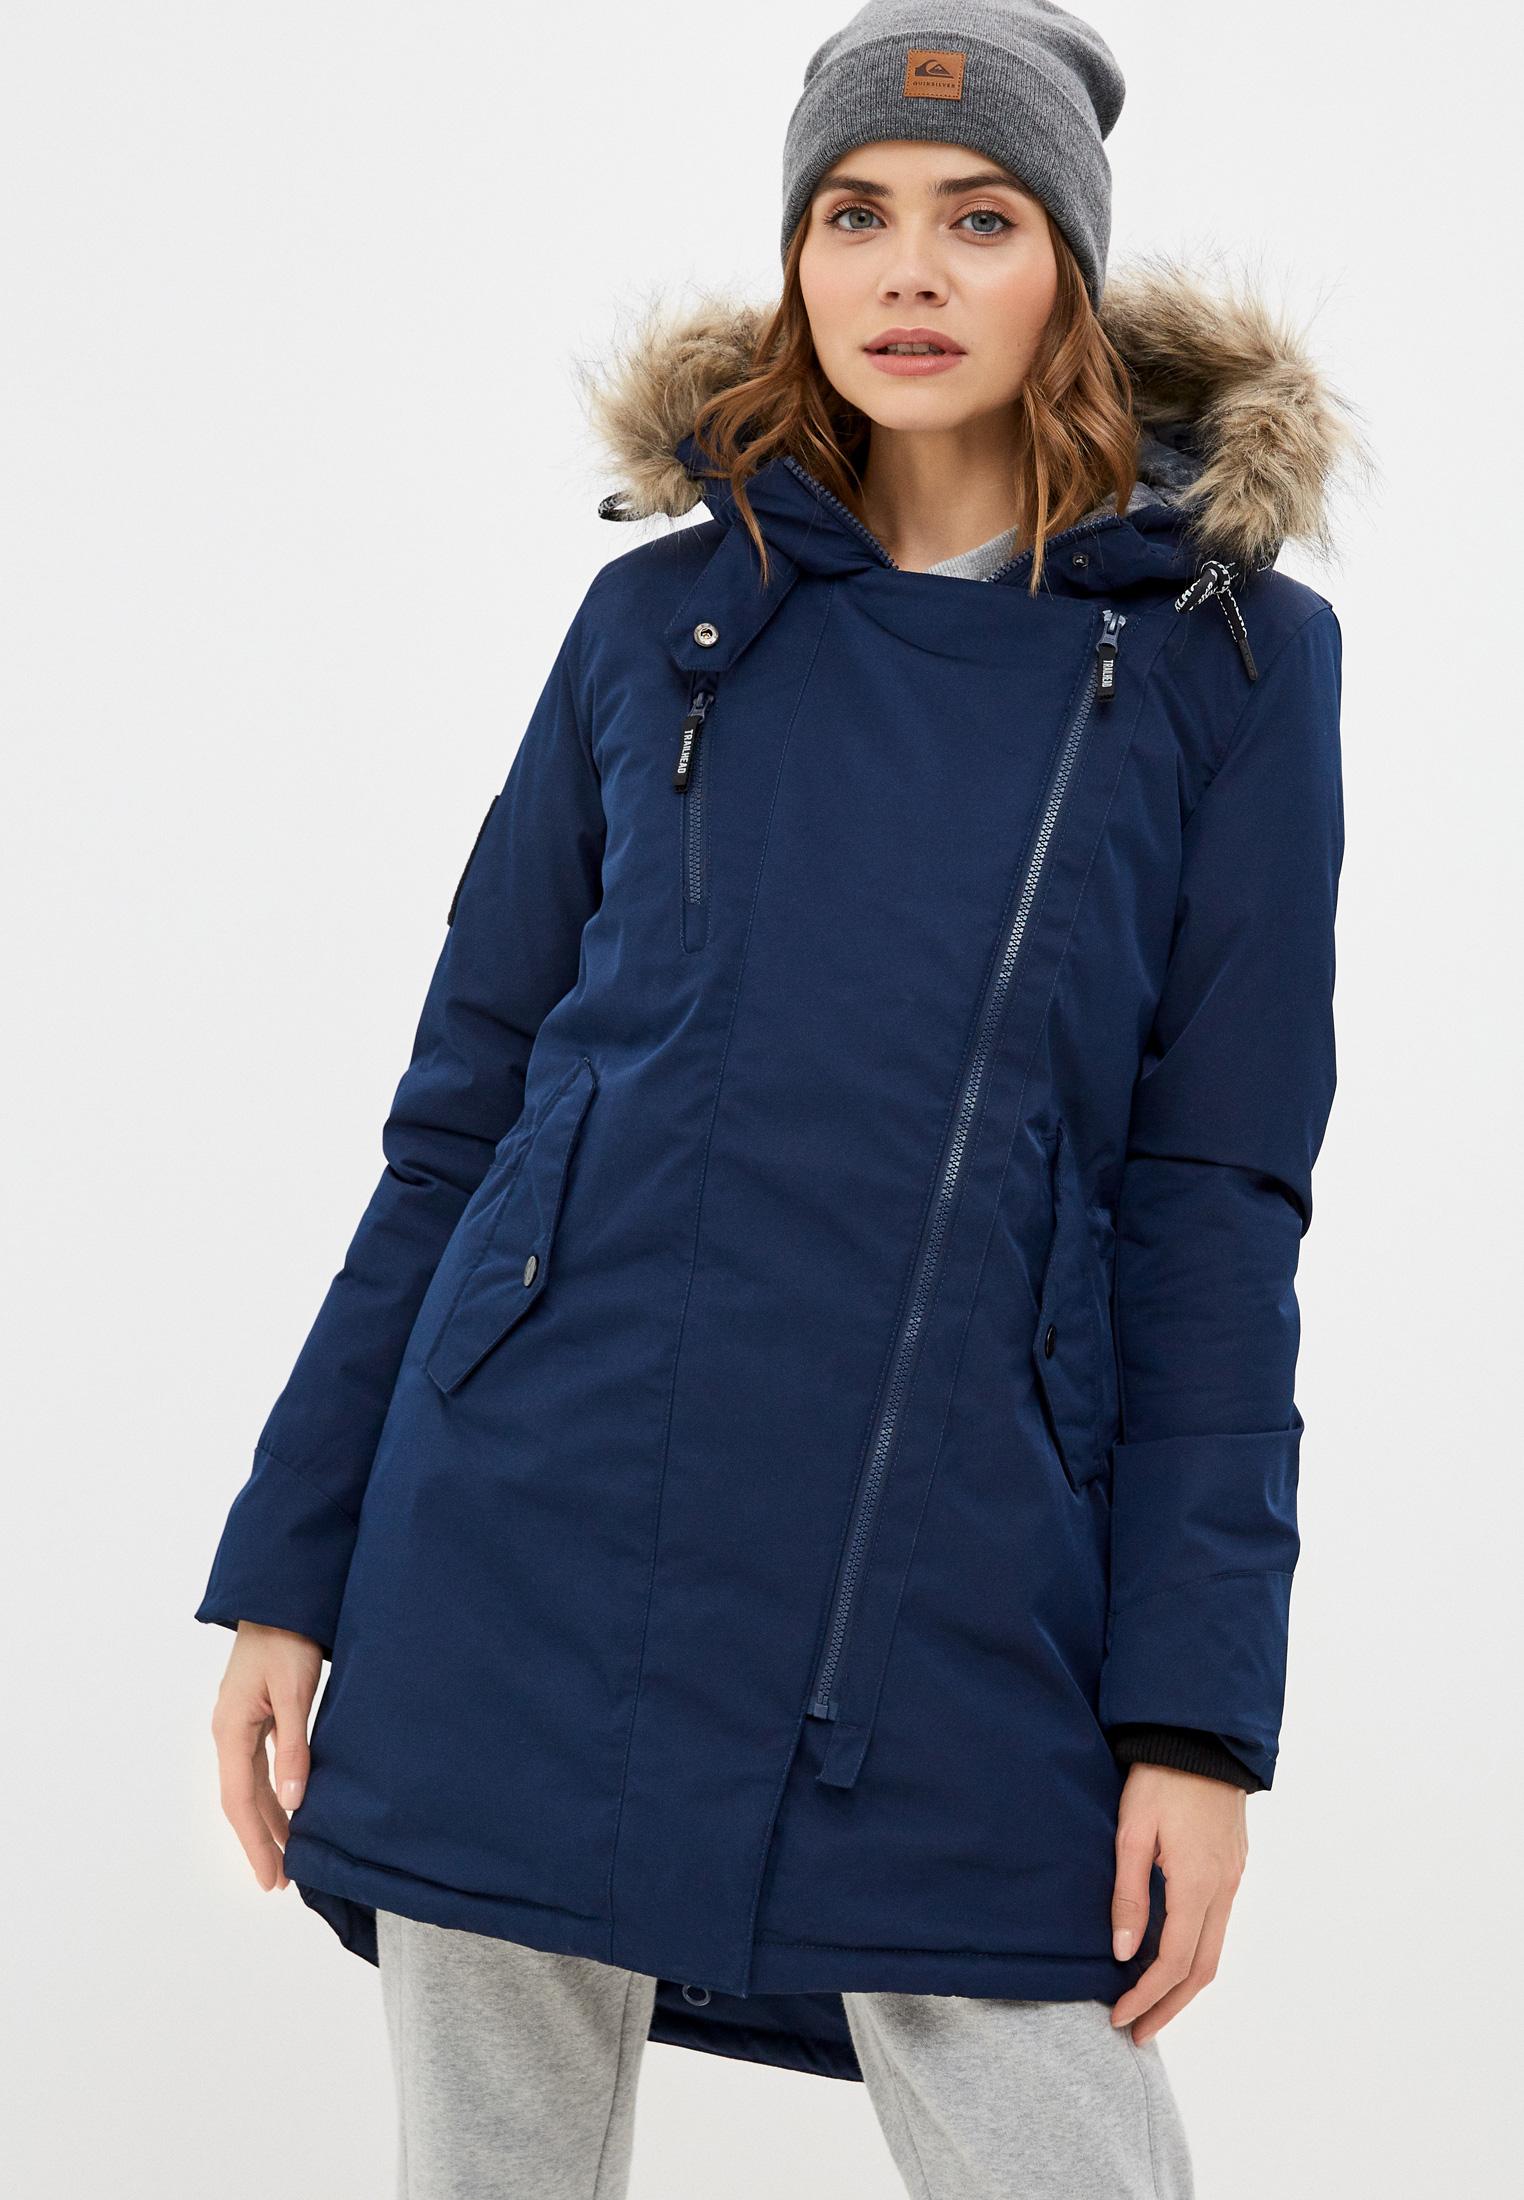 Женская верхняя одежда Trailhead WJK531